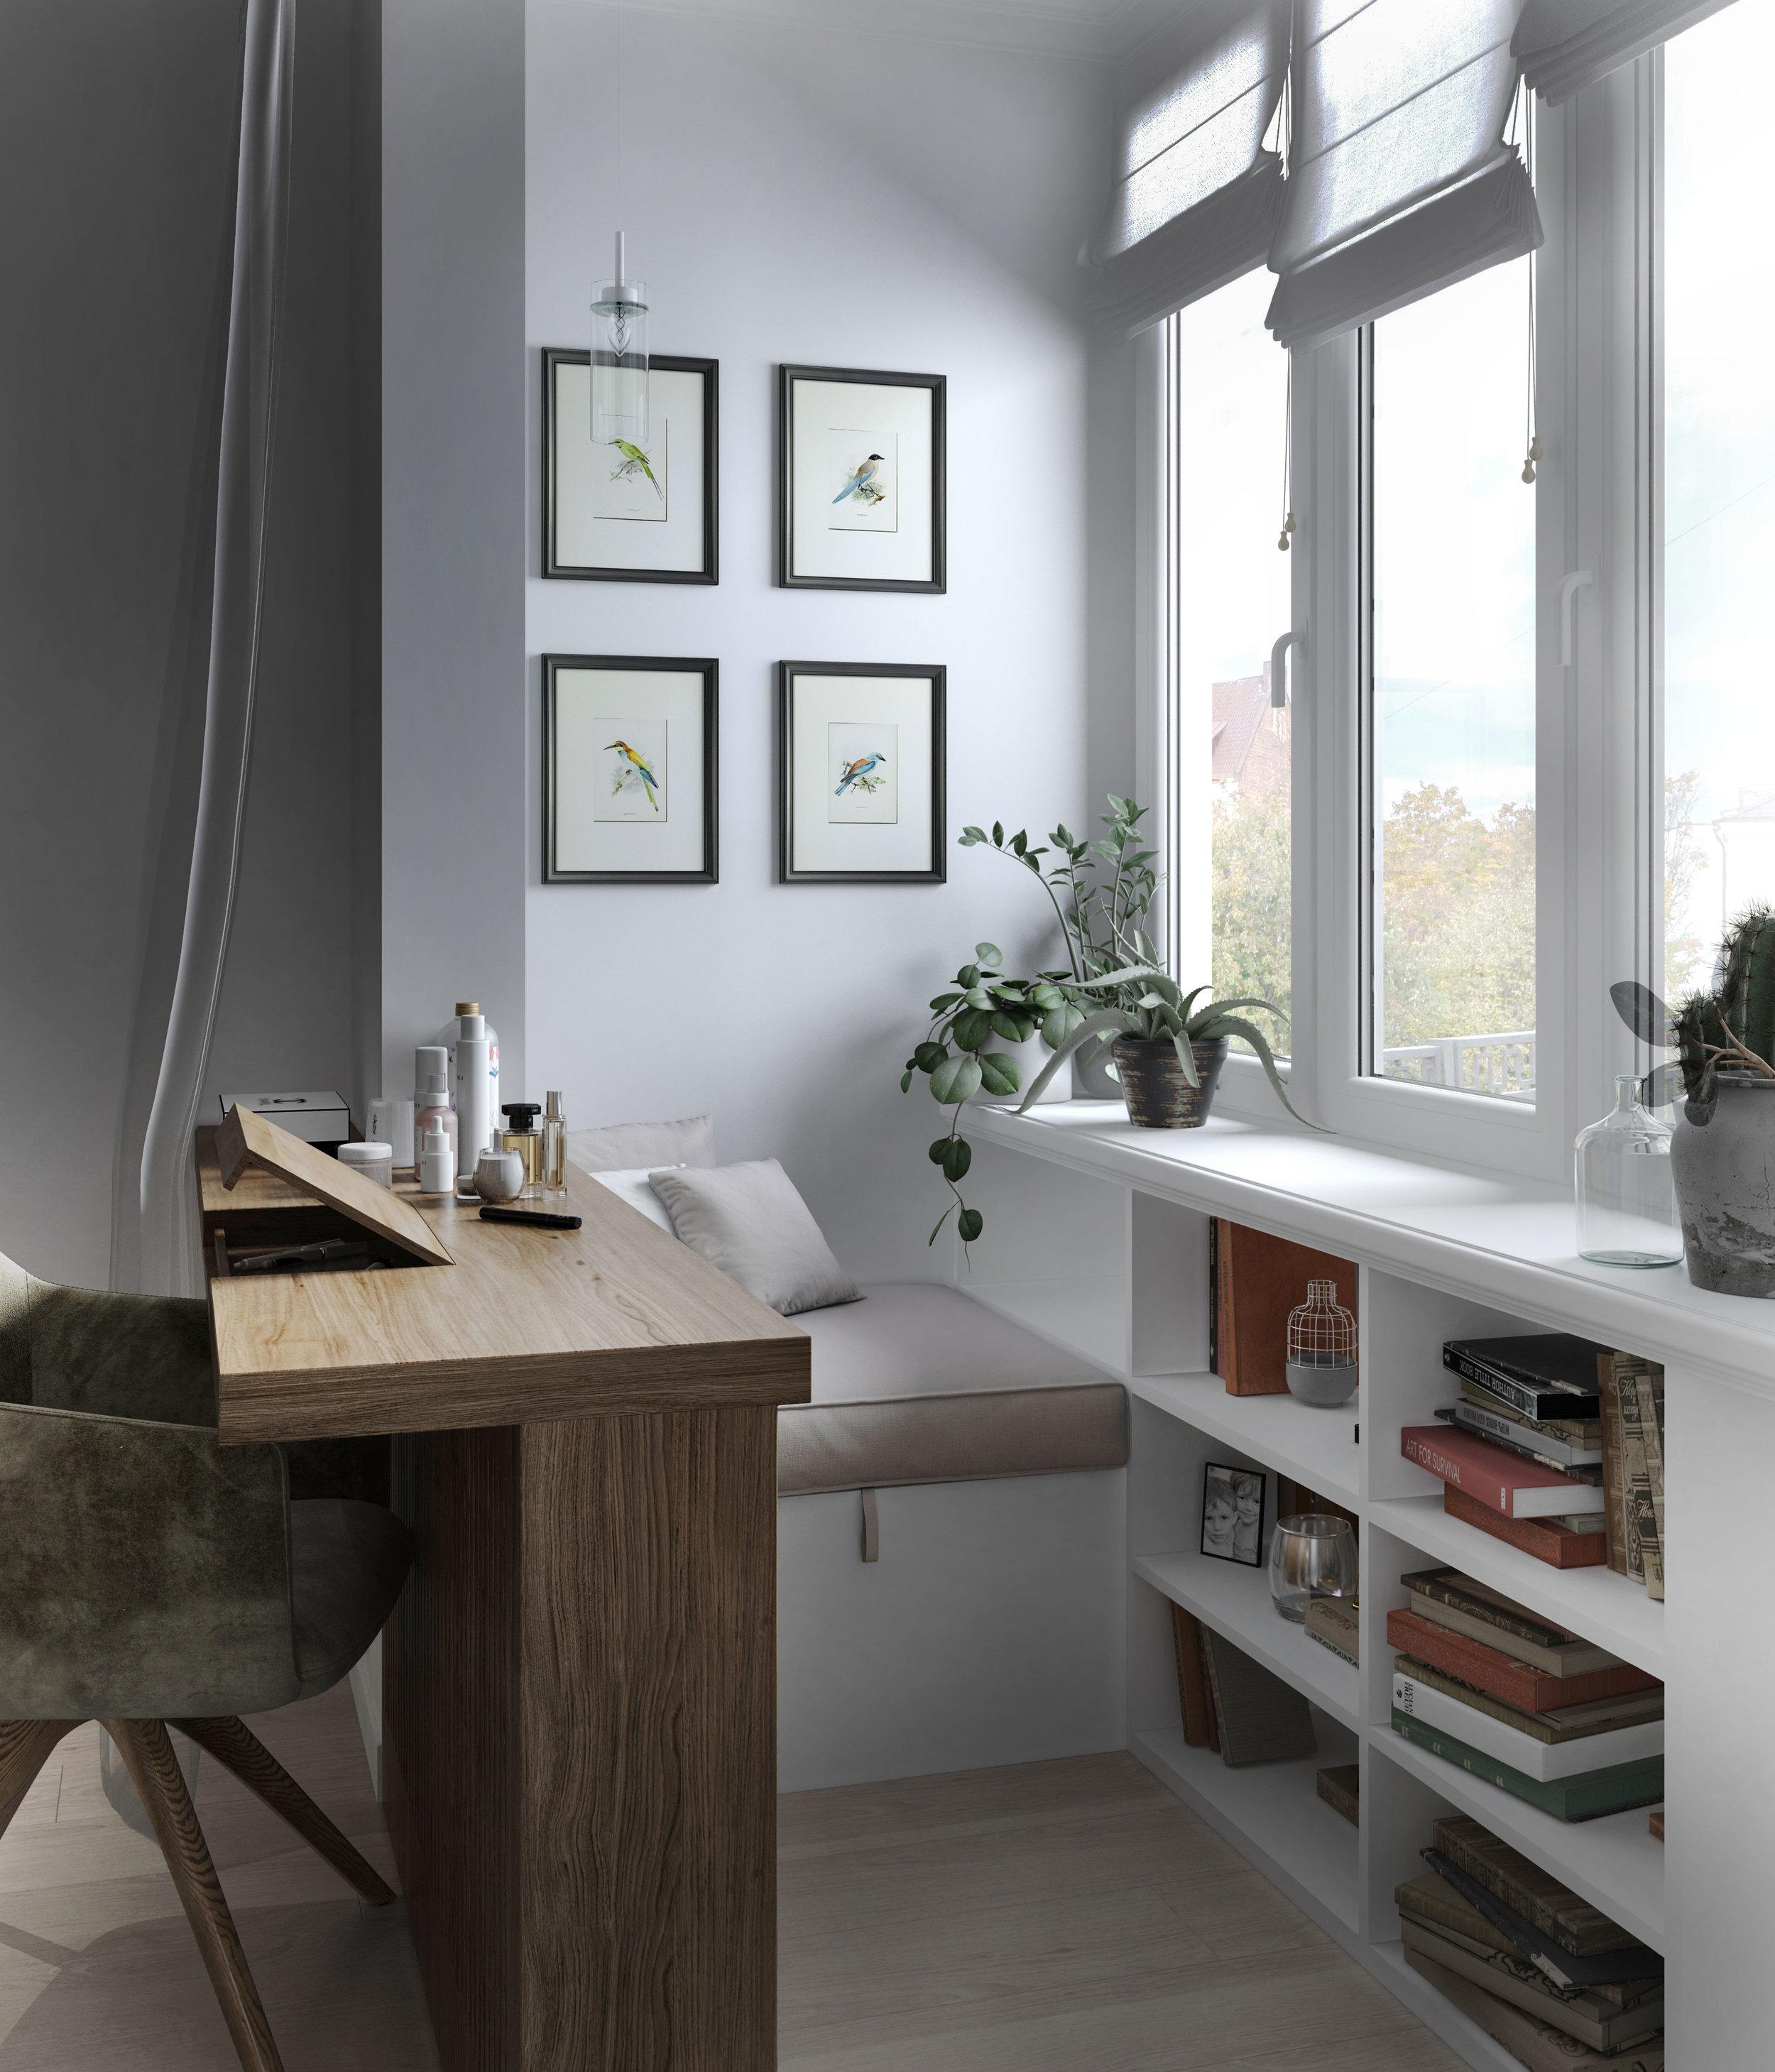 ArtHunter-Bedroom-5.jpg